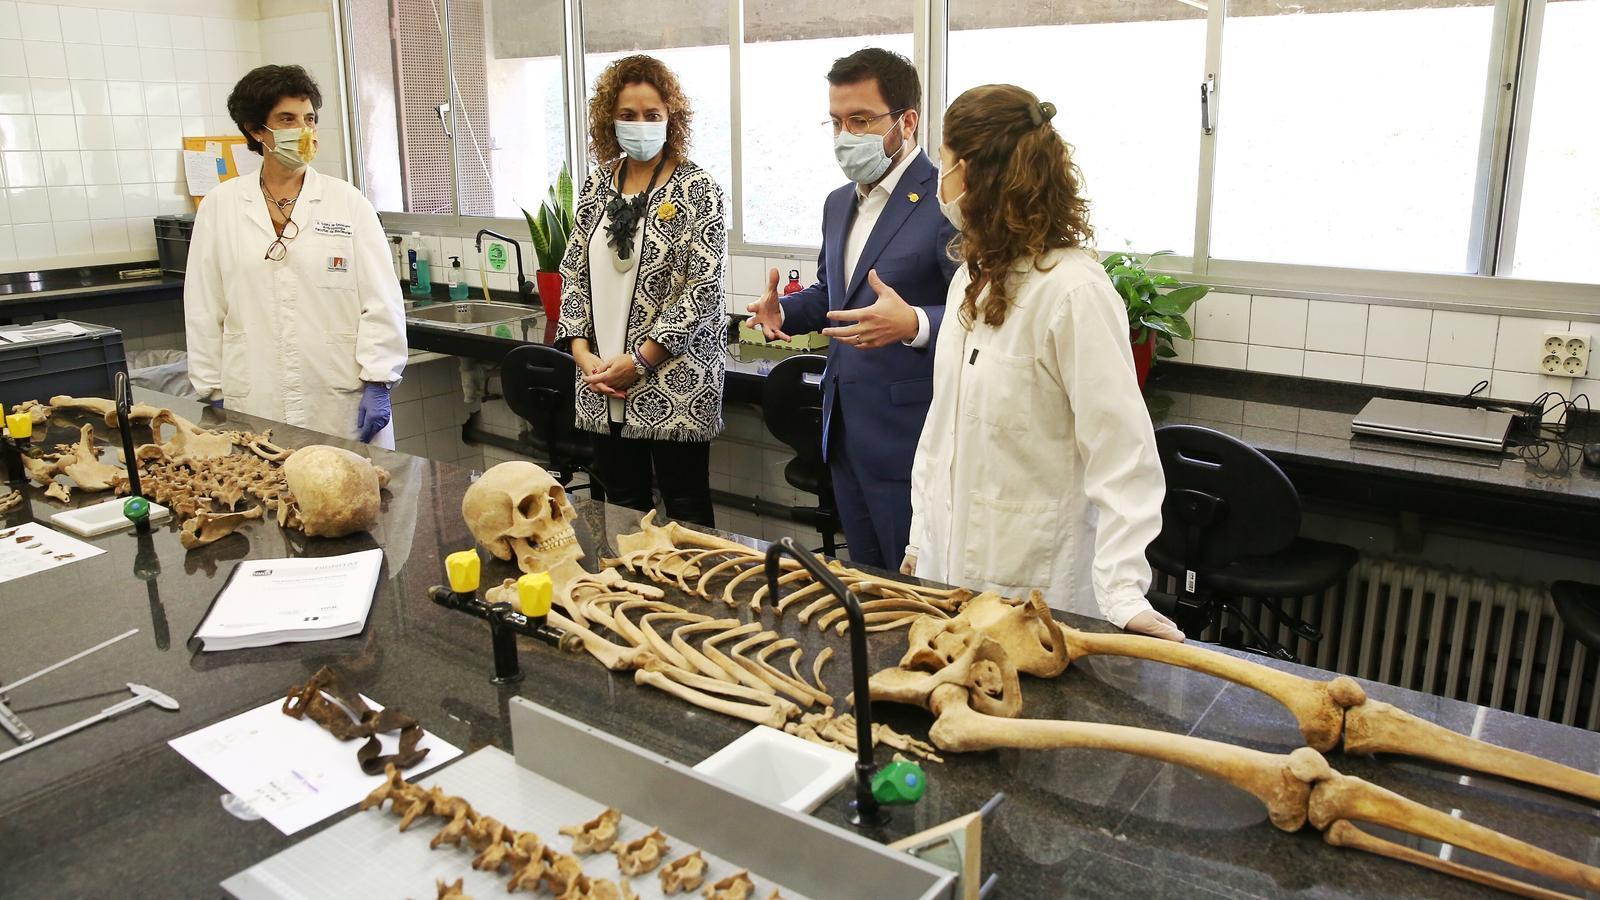 Aragonés i Capella al laboratori de la Facultat de Ciències de la UAB amb les restes de dos soldats